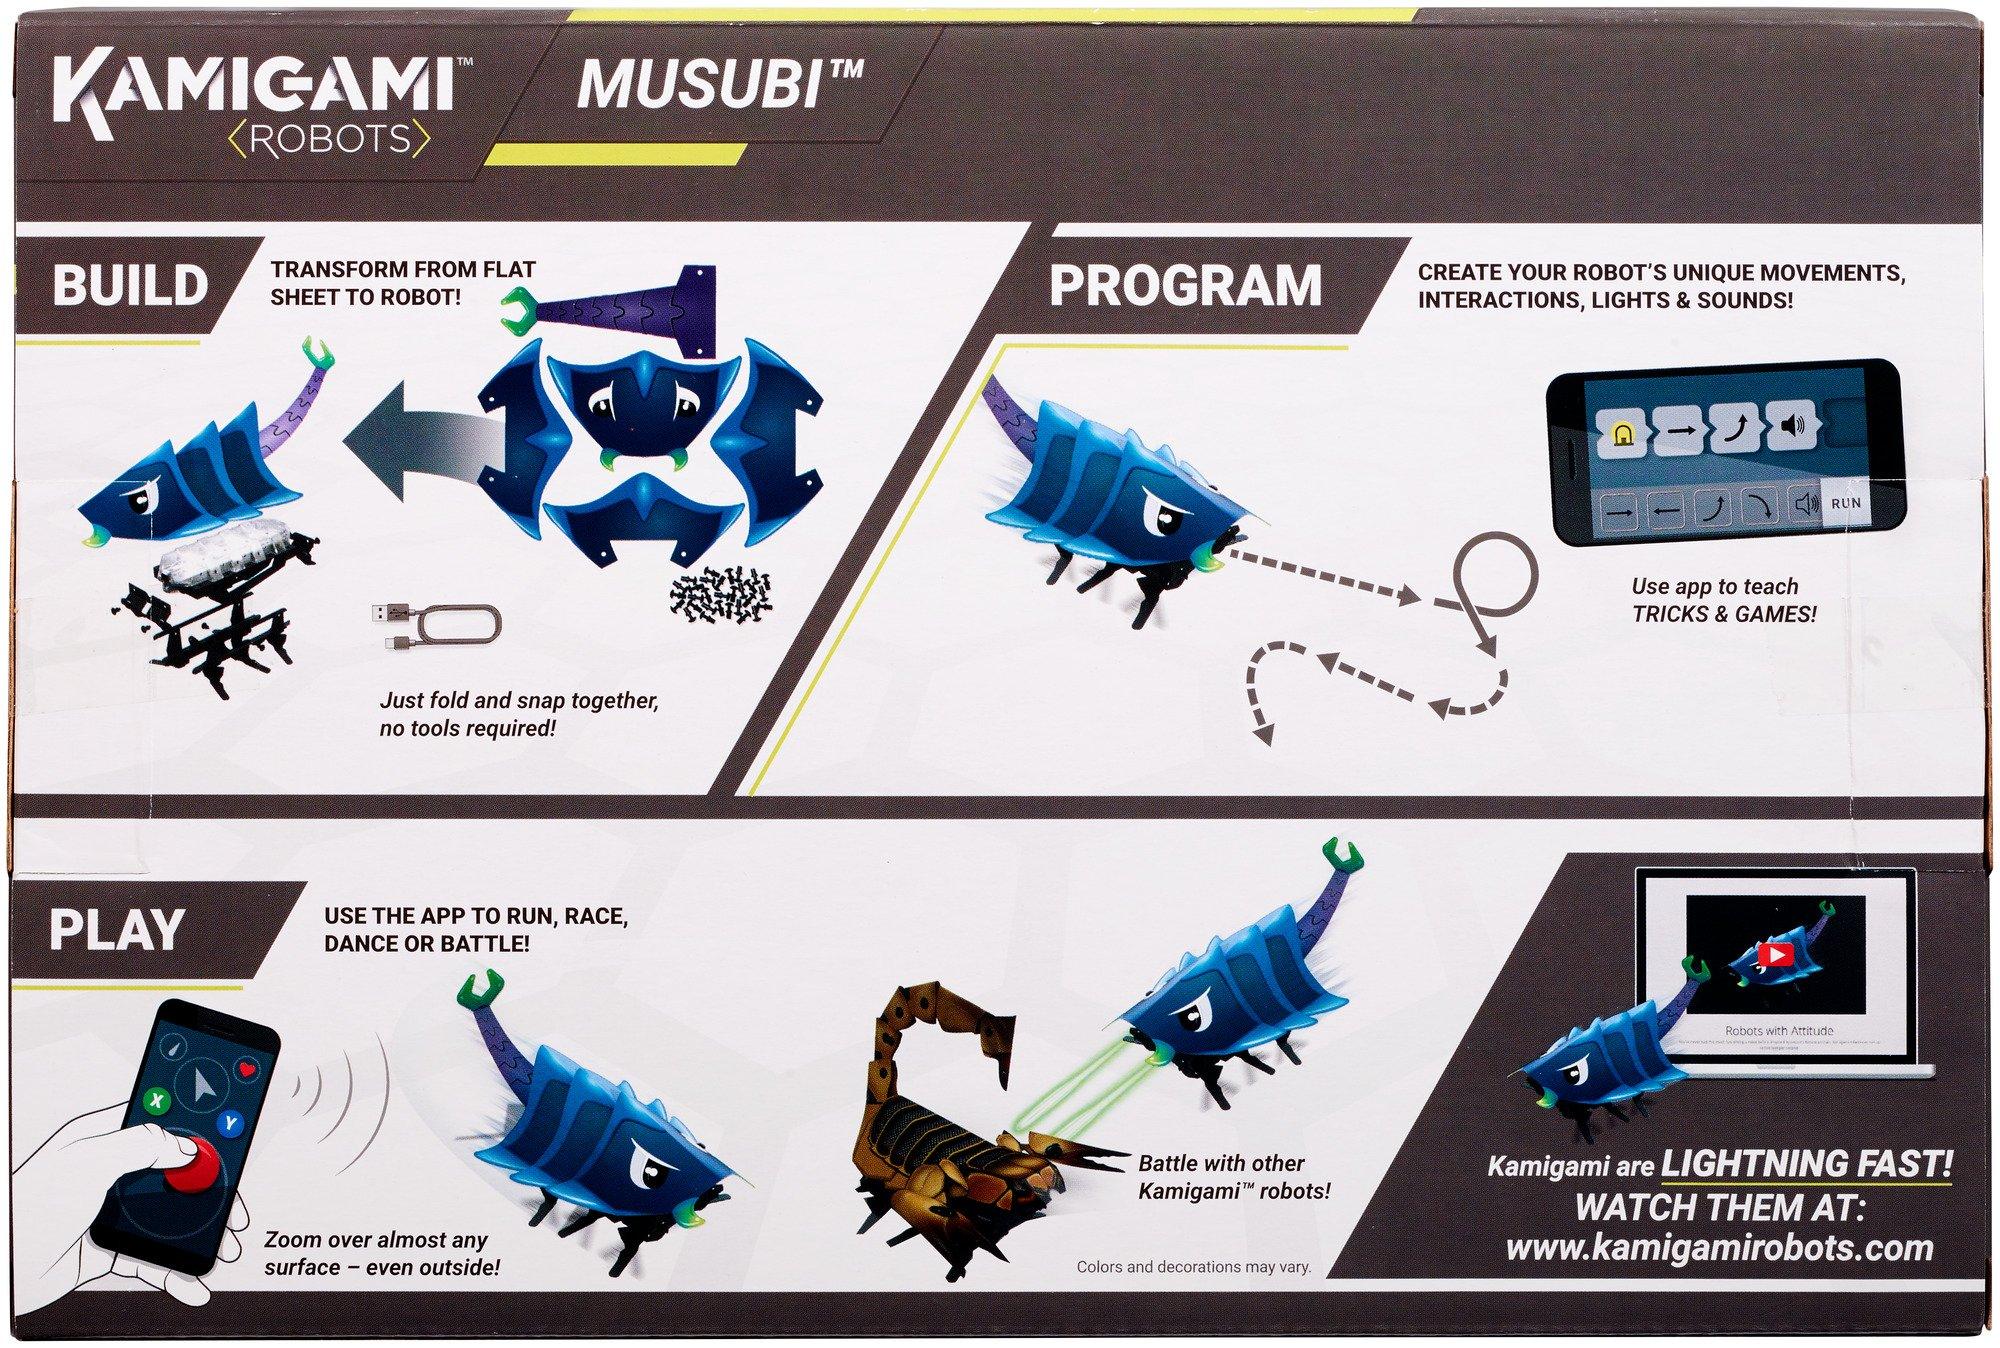 Kamigami Musubi Robot by Mattel (Image #14)